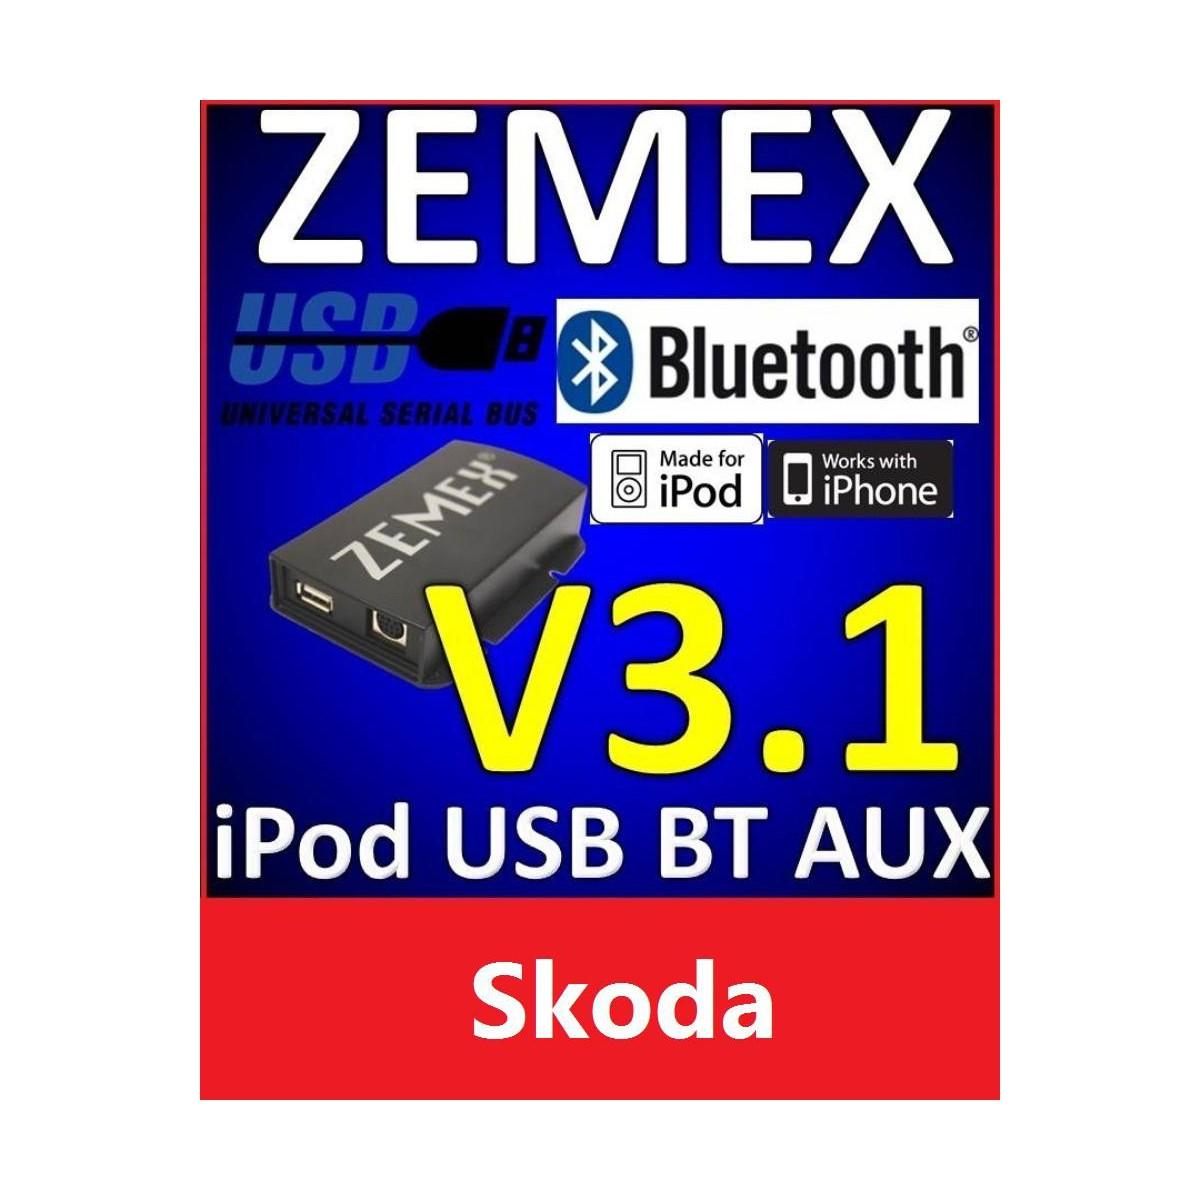 Zemex V3 1 Bluetooth F 252 R Skoda Zxv3vw12